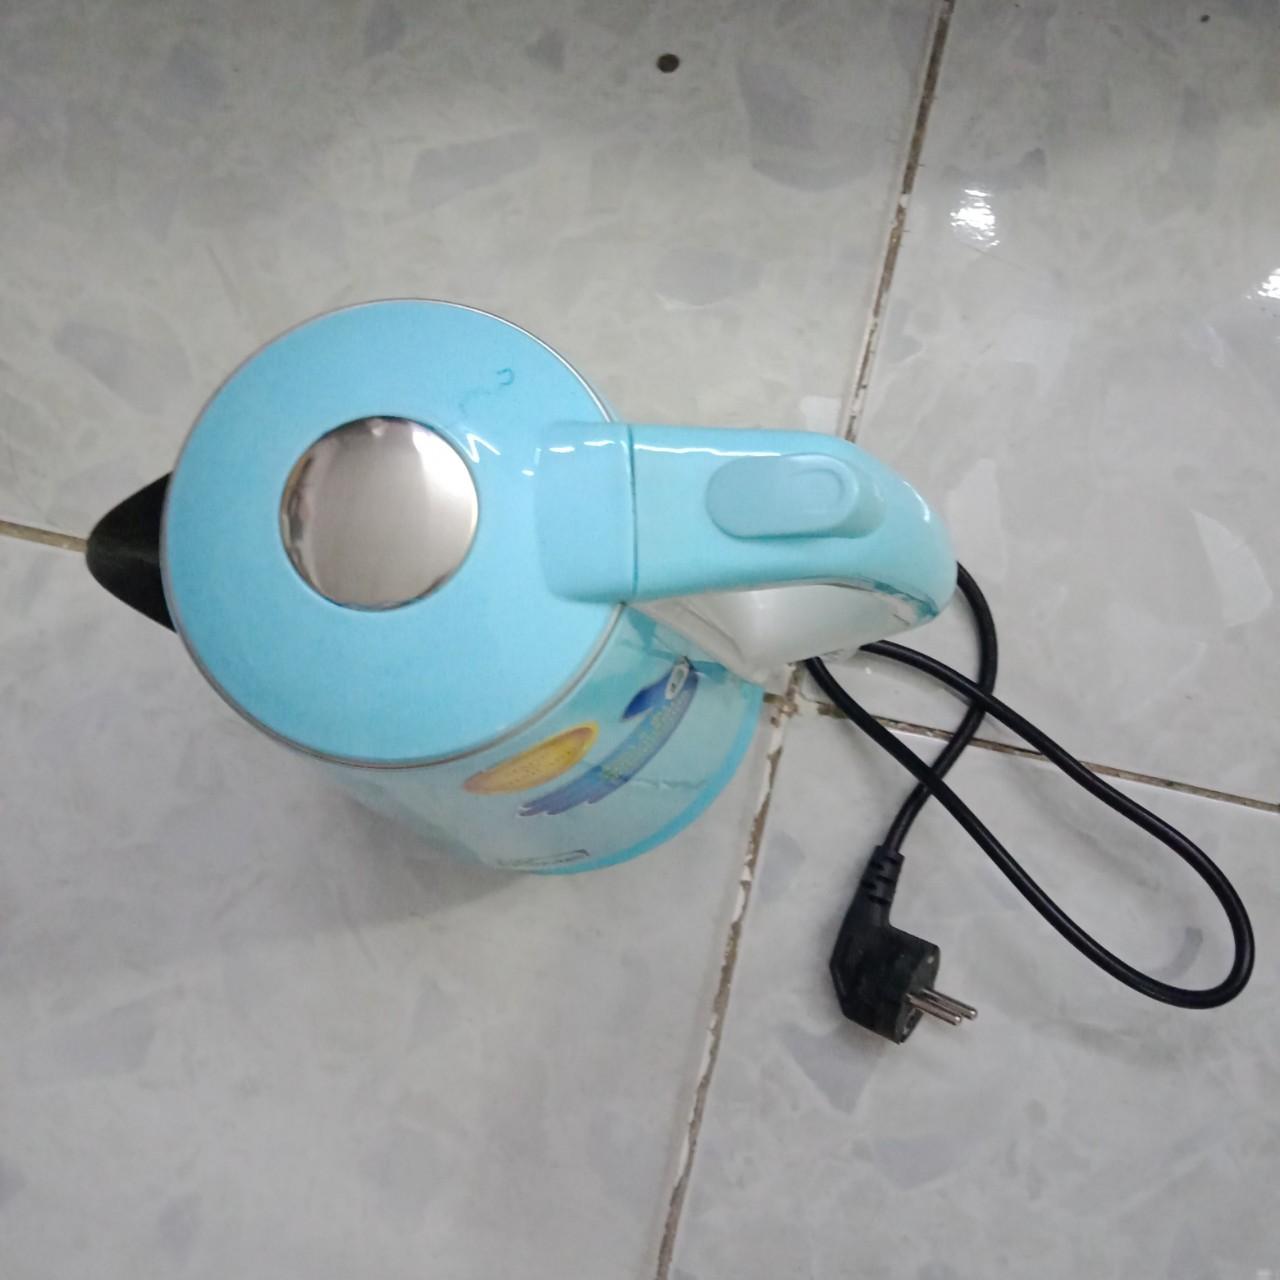 Bình đun sôi siêu tốc Inox My Home 1,5 lít Thái Lan - KT0502L - Hàng Nhập Khẩu